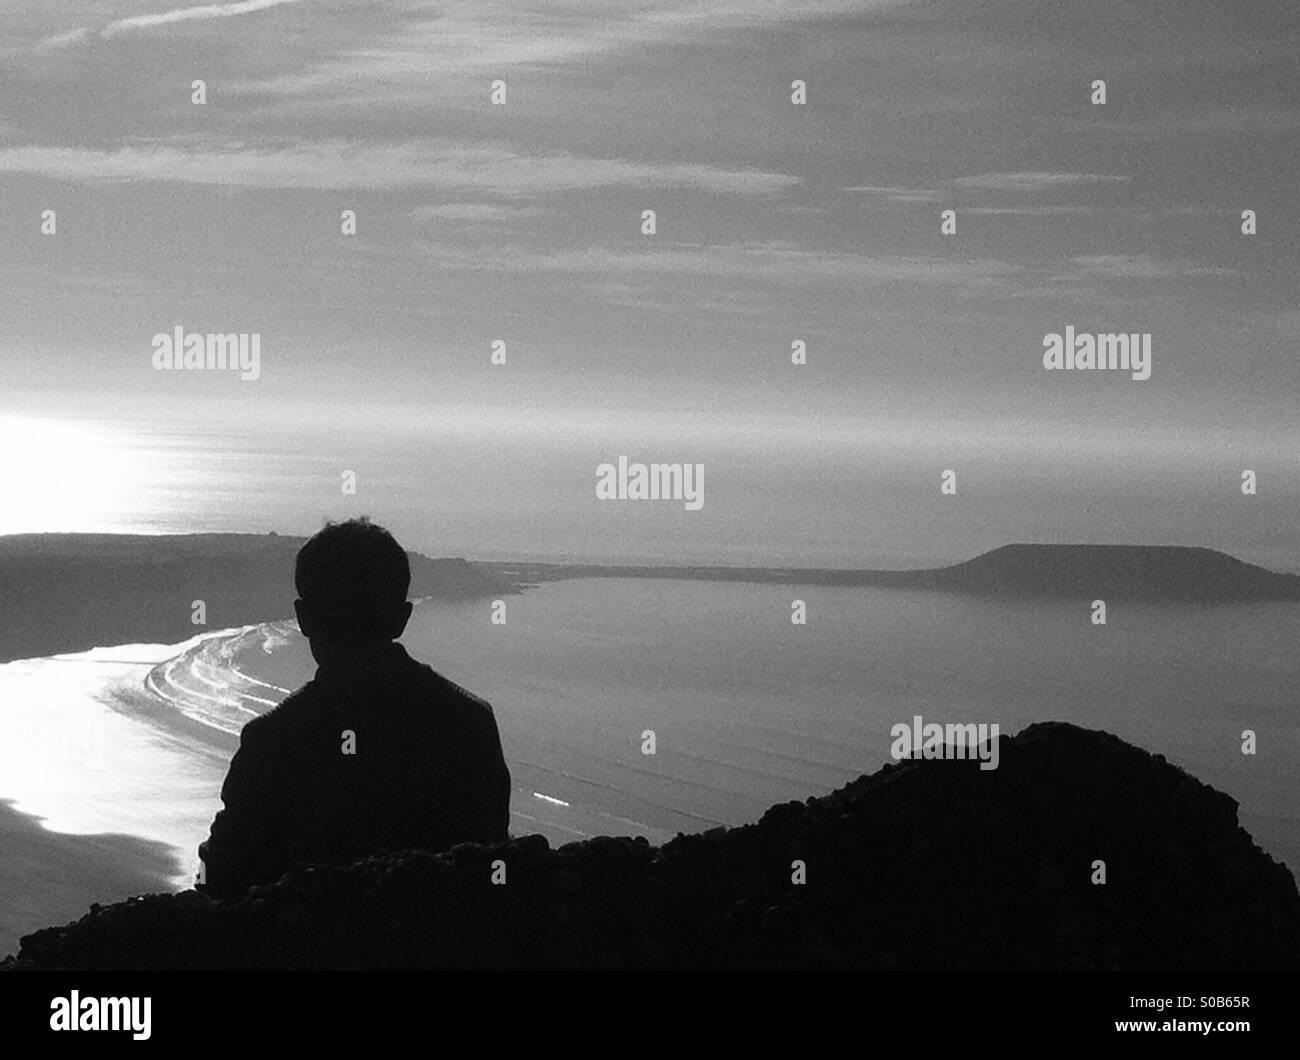 Adolescente escalofriante sobre roca admirando las vistas del mar que rodea la cabeza, Gusanos de Gower. Vista trasera Imagen De Stock